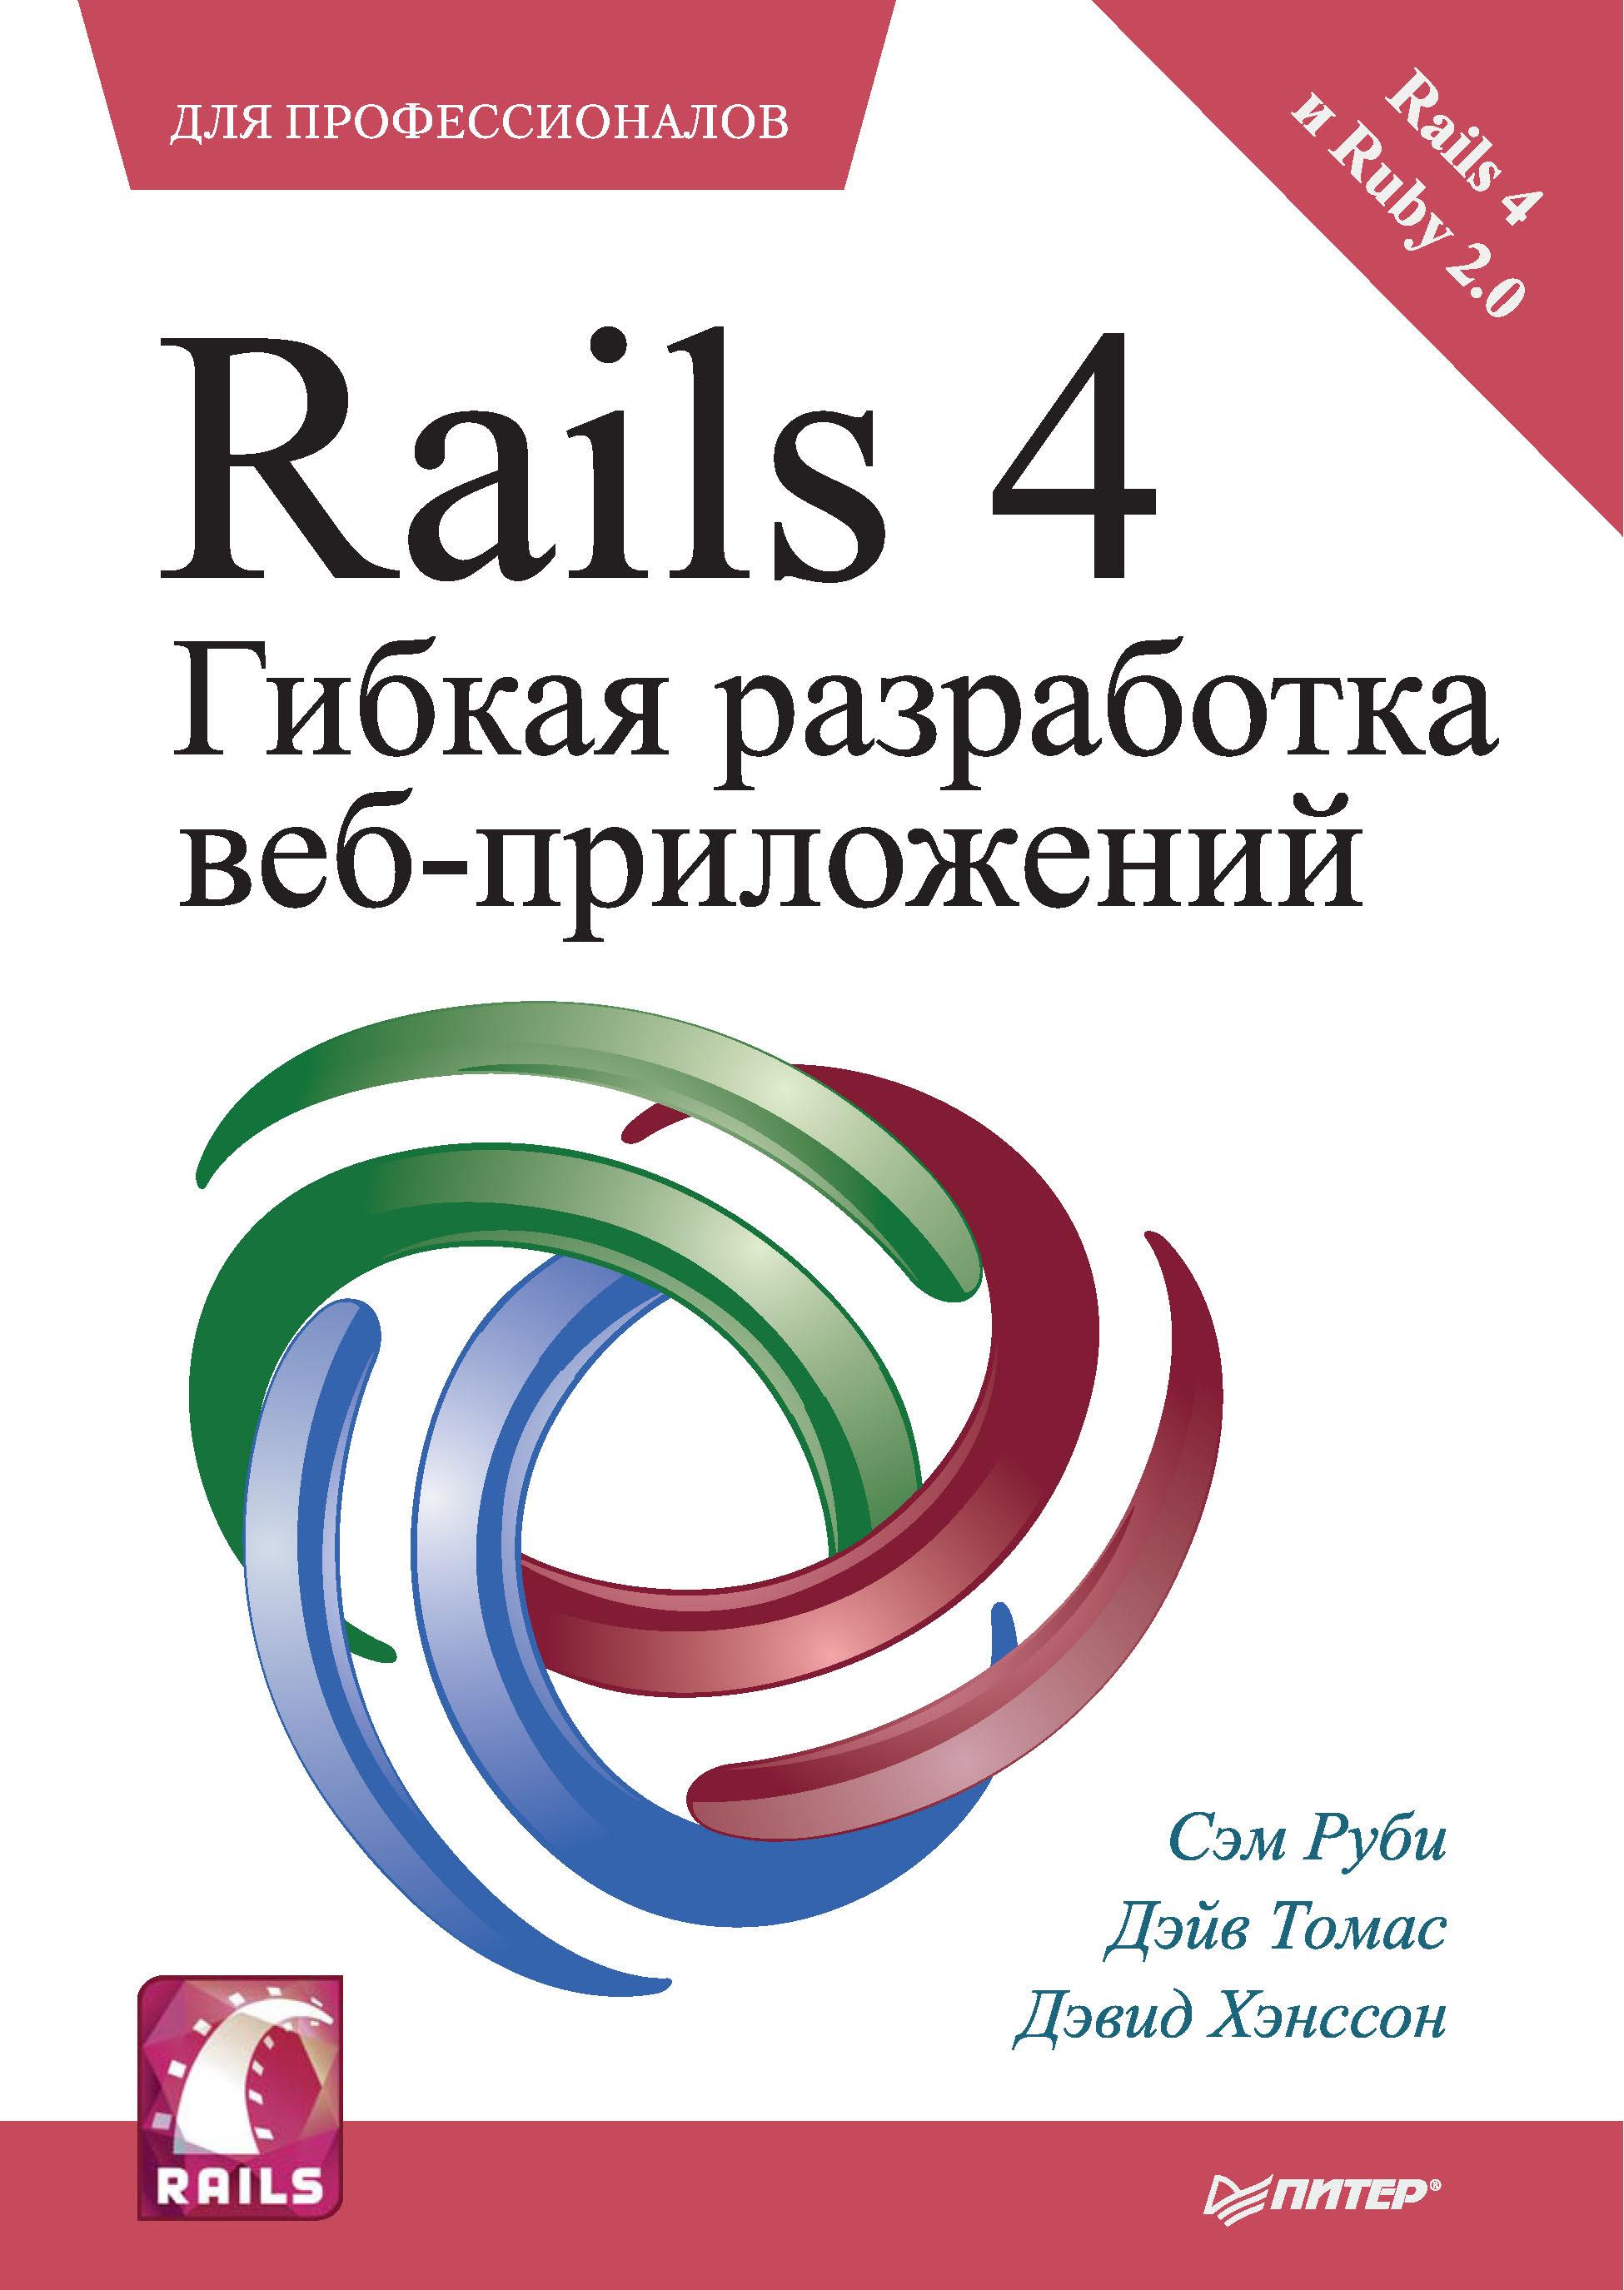 Сэм Руби Rails 4. Гибкая разработка веб-приложений cnc guide rails 5pcs hiwin hgr20 linear rail 1600mm 10pcs hgw20cc carriage